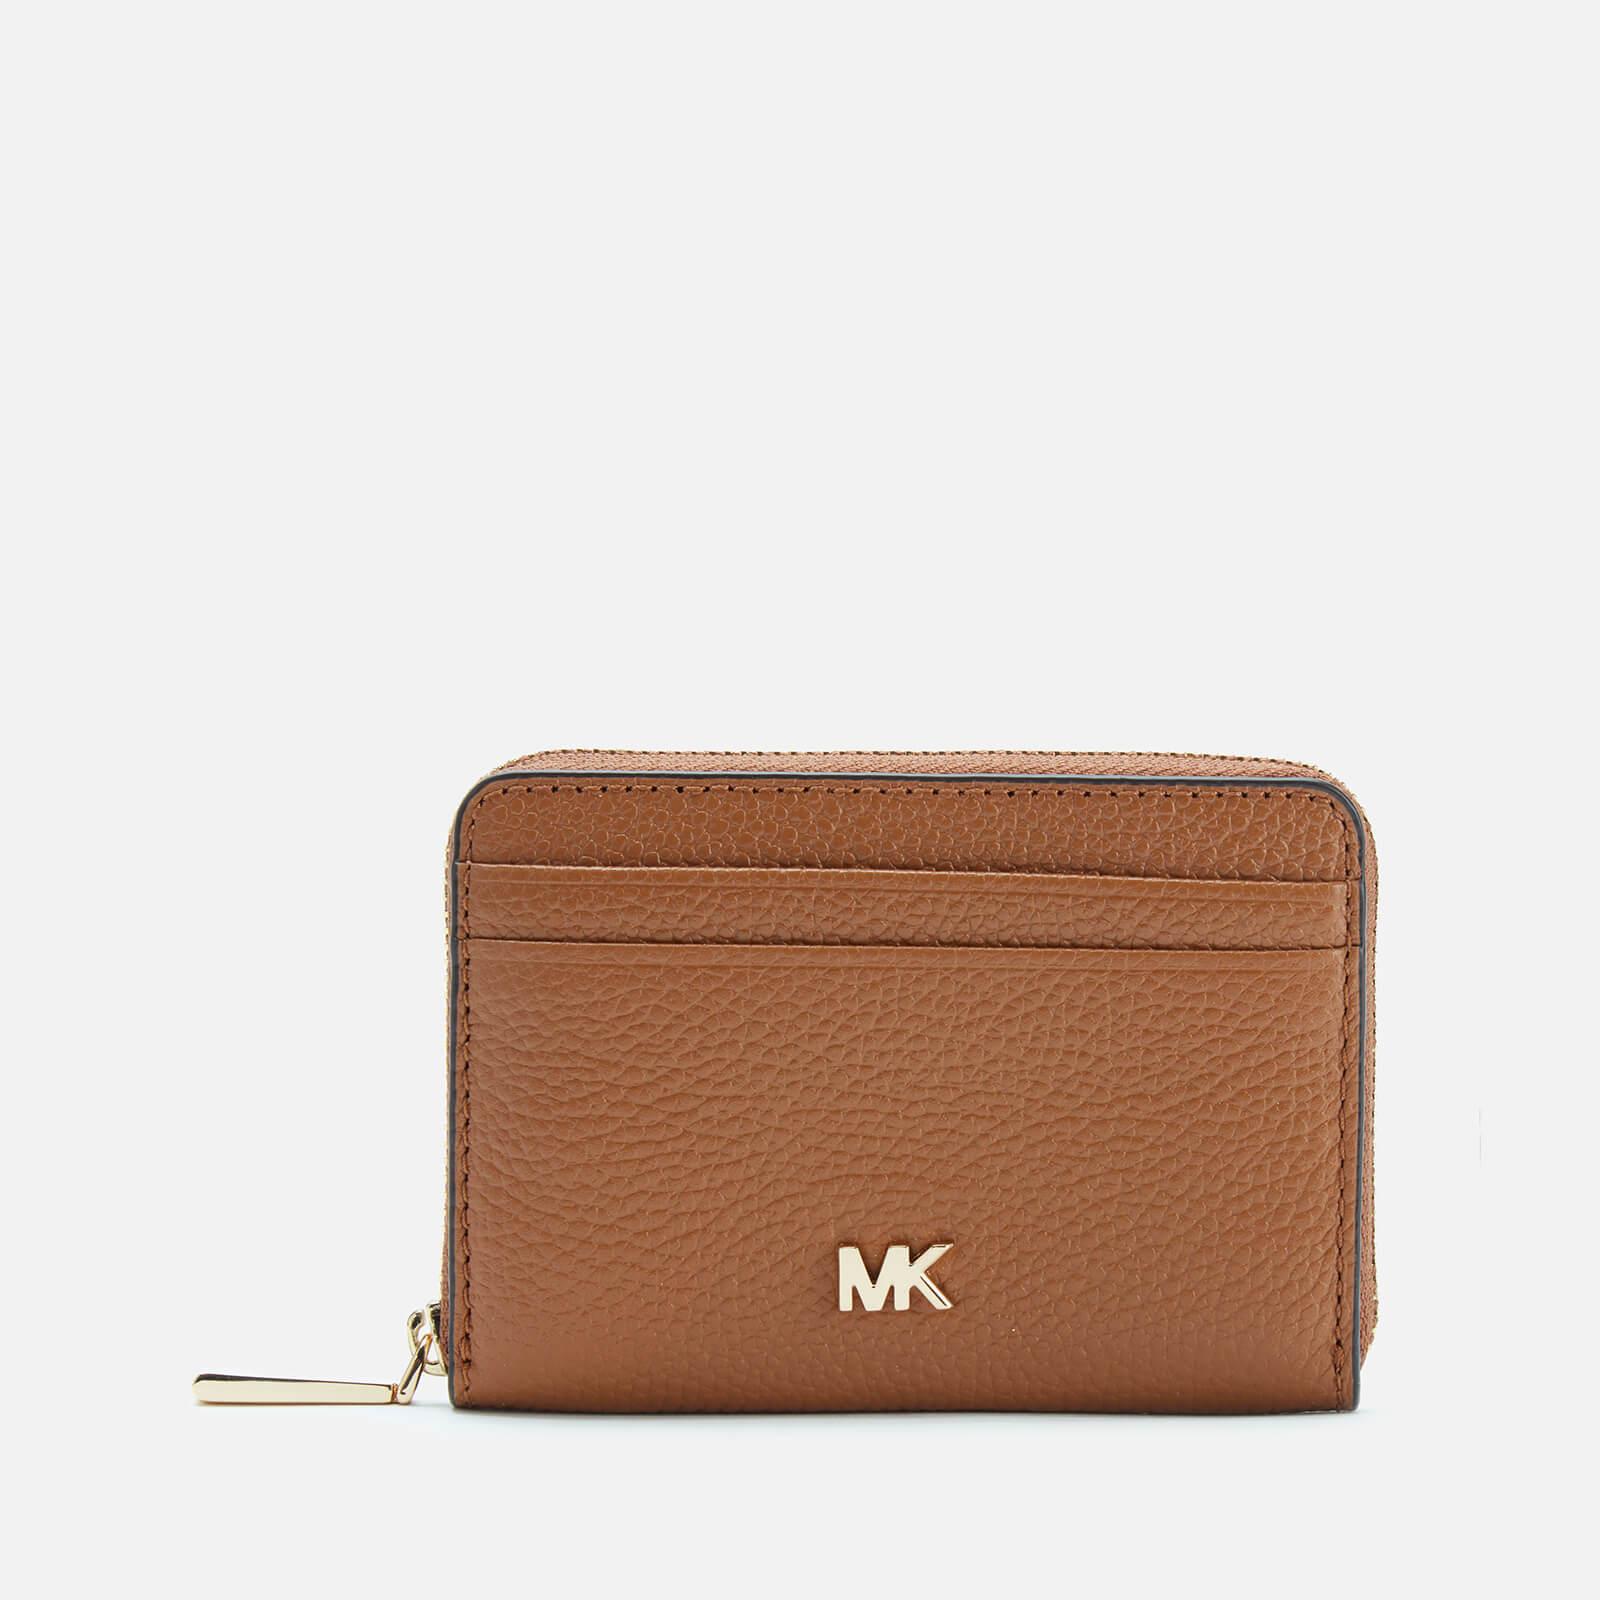 MICHAEL MICHAEL KORS Women's Money Pieces Zip Around Coin Card Case - Acorn